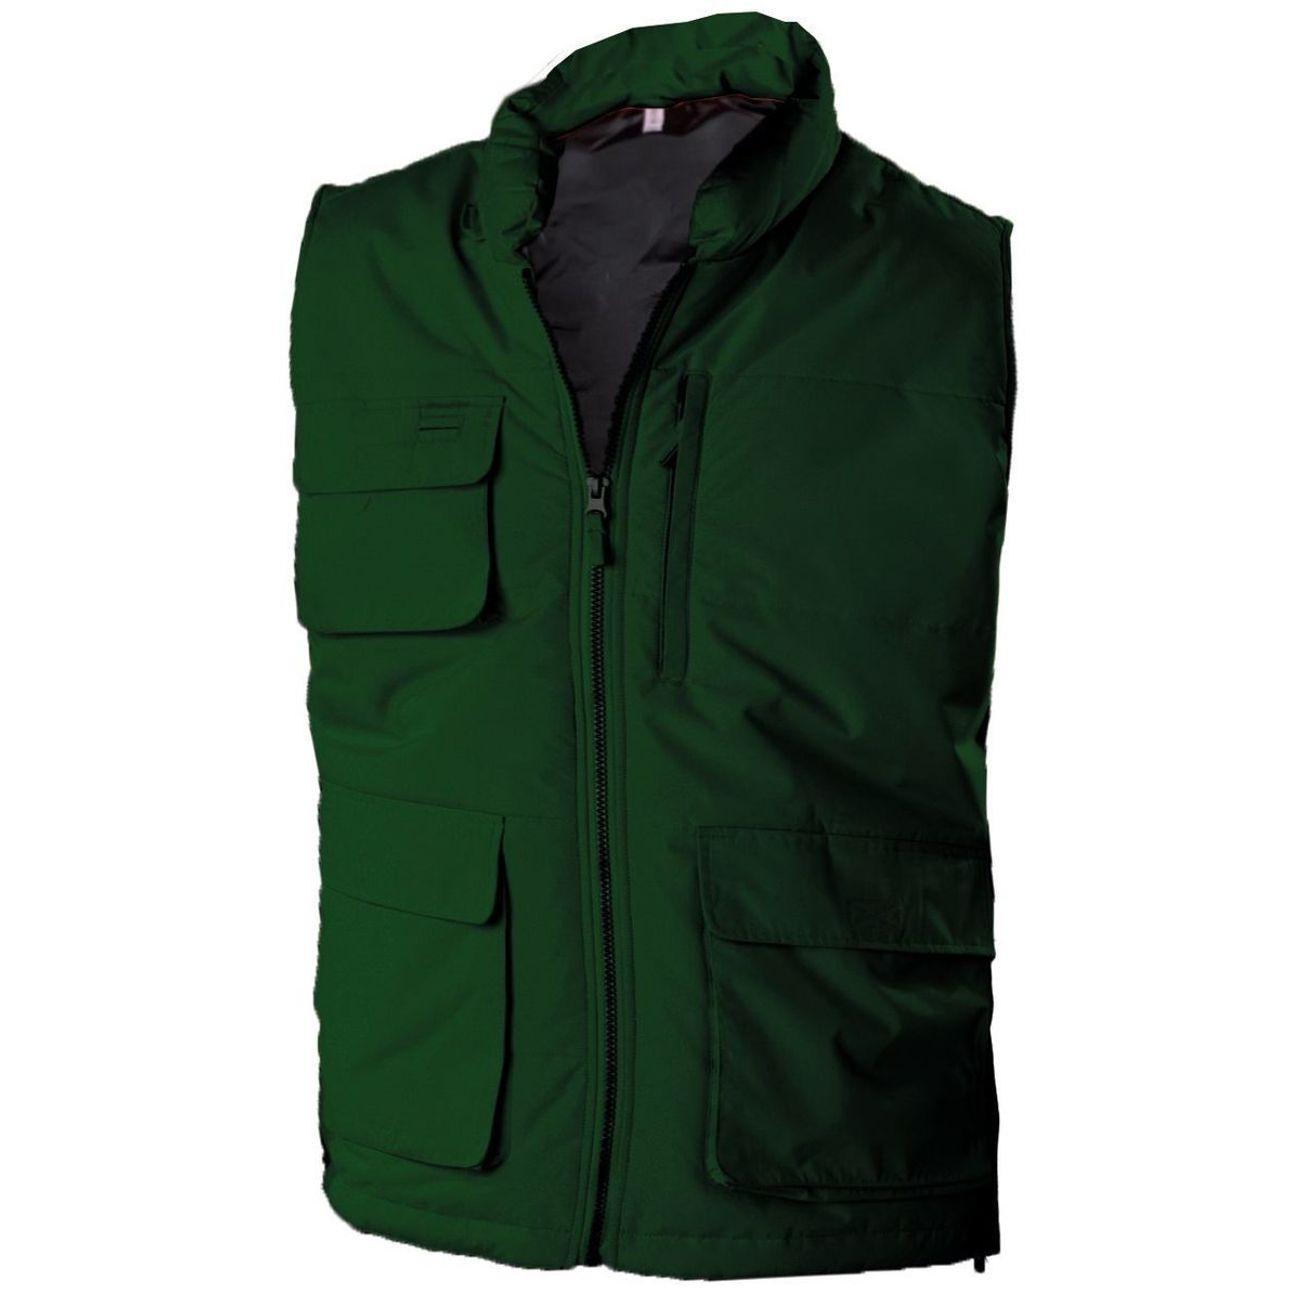 Kam Softshell sans manches veste sans manches coupe-vent Doublure Matelassé Multi poches